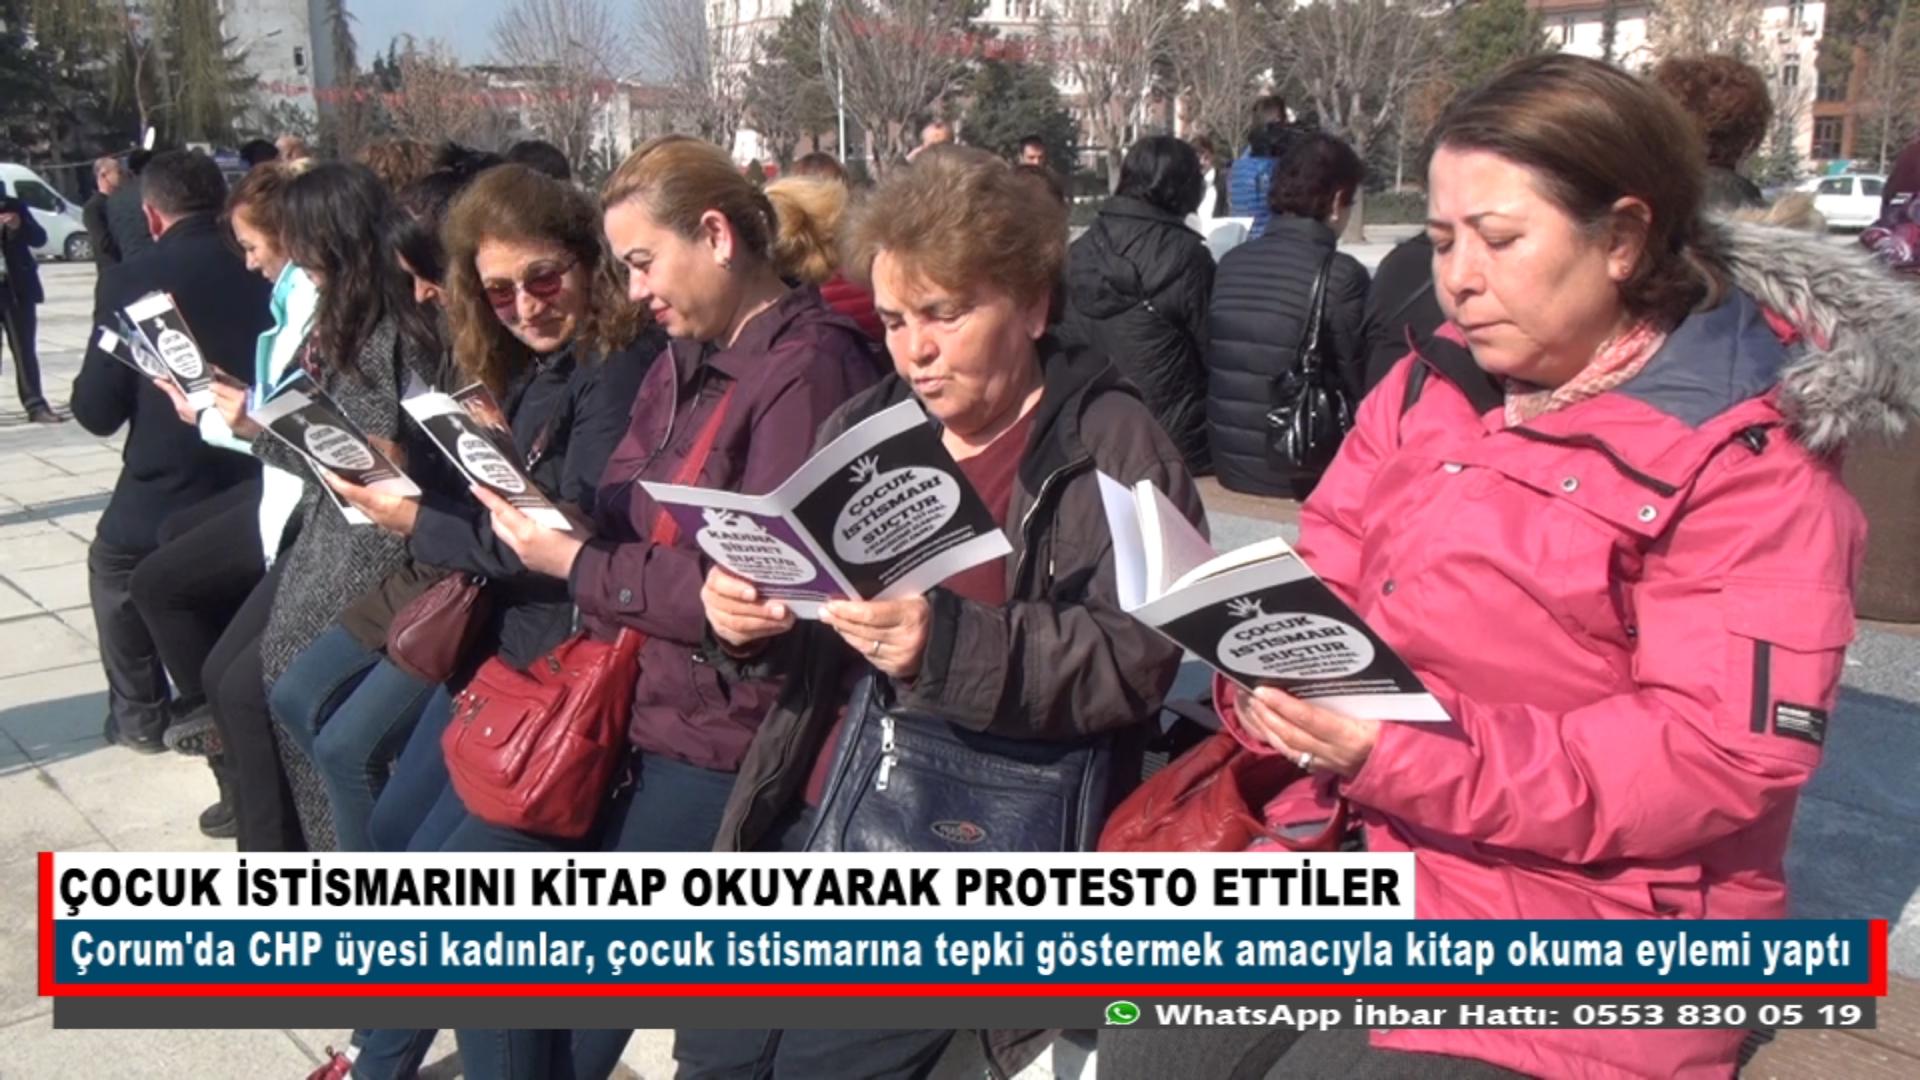 ÇOCUK İSTİSMARINI KİTAP OKUYARAK PROTESTO ETTİLER